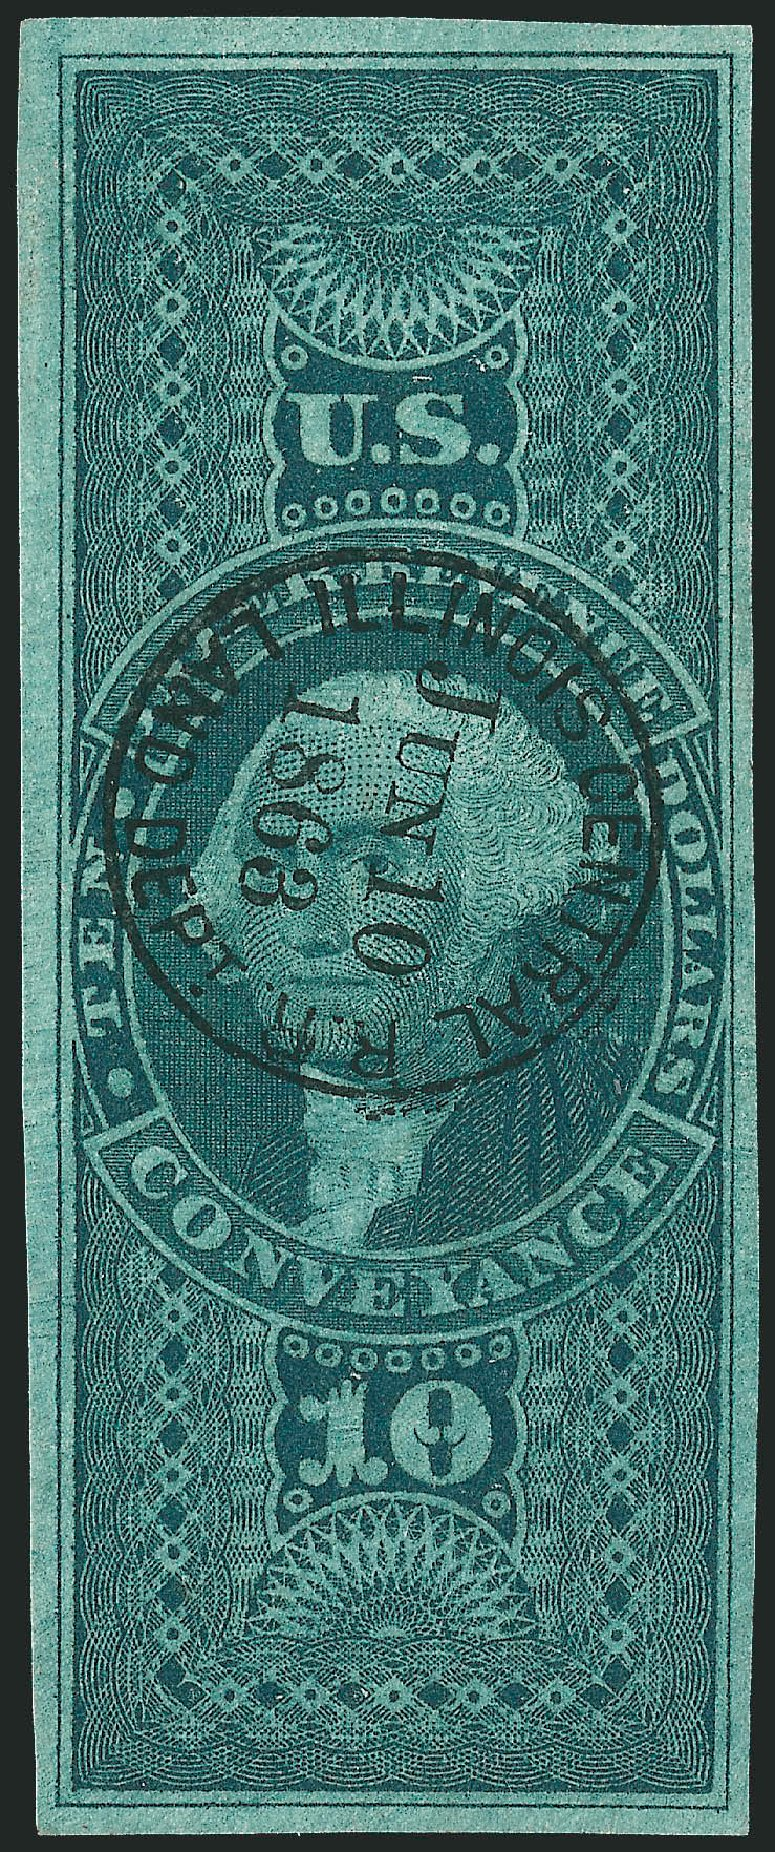 Values of US Stamp Scott # R94 - 1862 US$10.00 Revenue Conveyance. Robert Siegel Auction Galleries, Dec 2009, Sale 978, Lot 1169